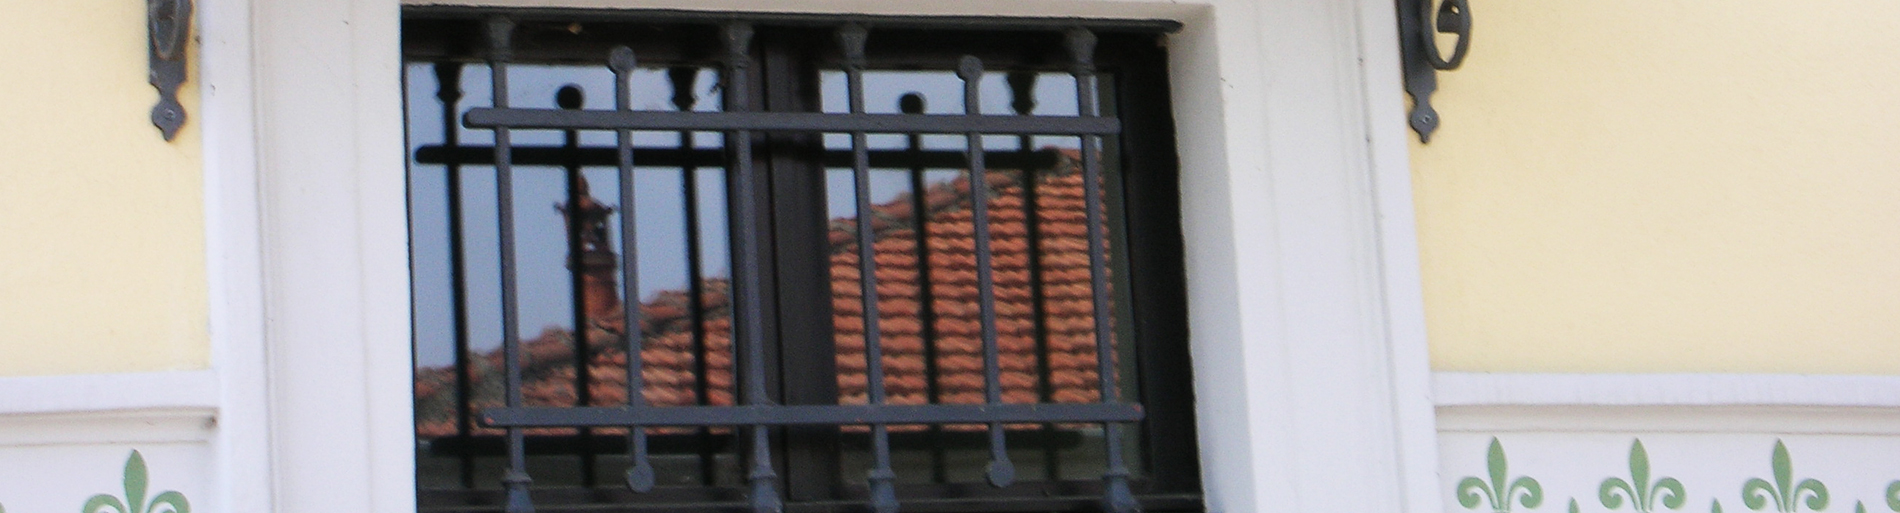 Grate di sicurezza per finestre e porte tecno serramenti - Sbarre per porte e finestre ...